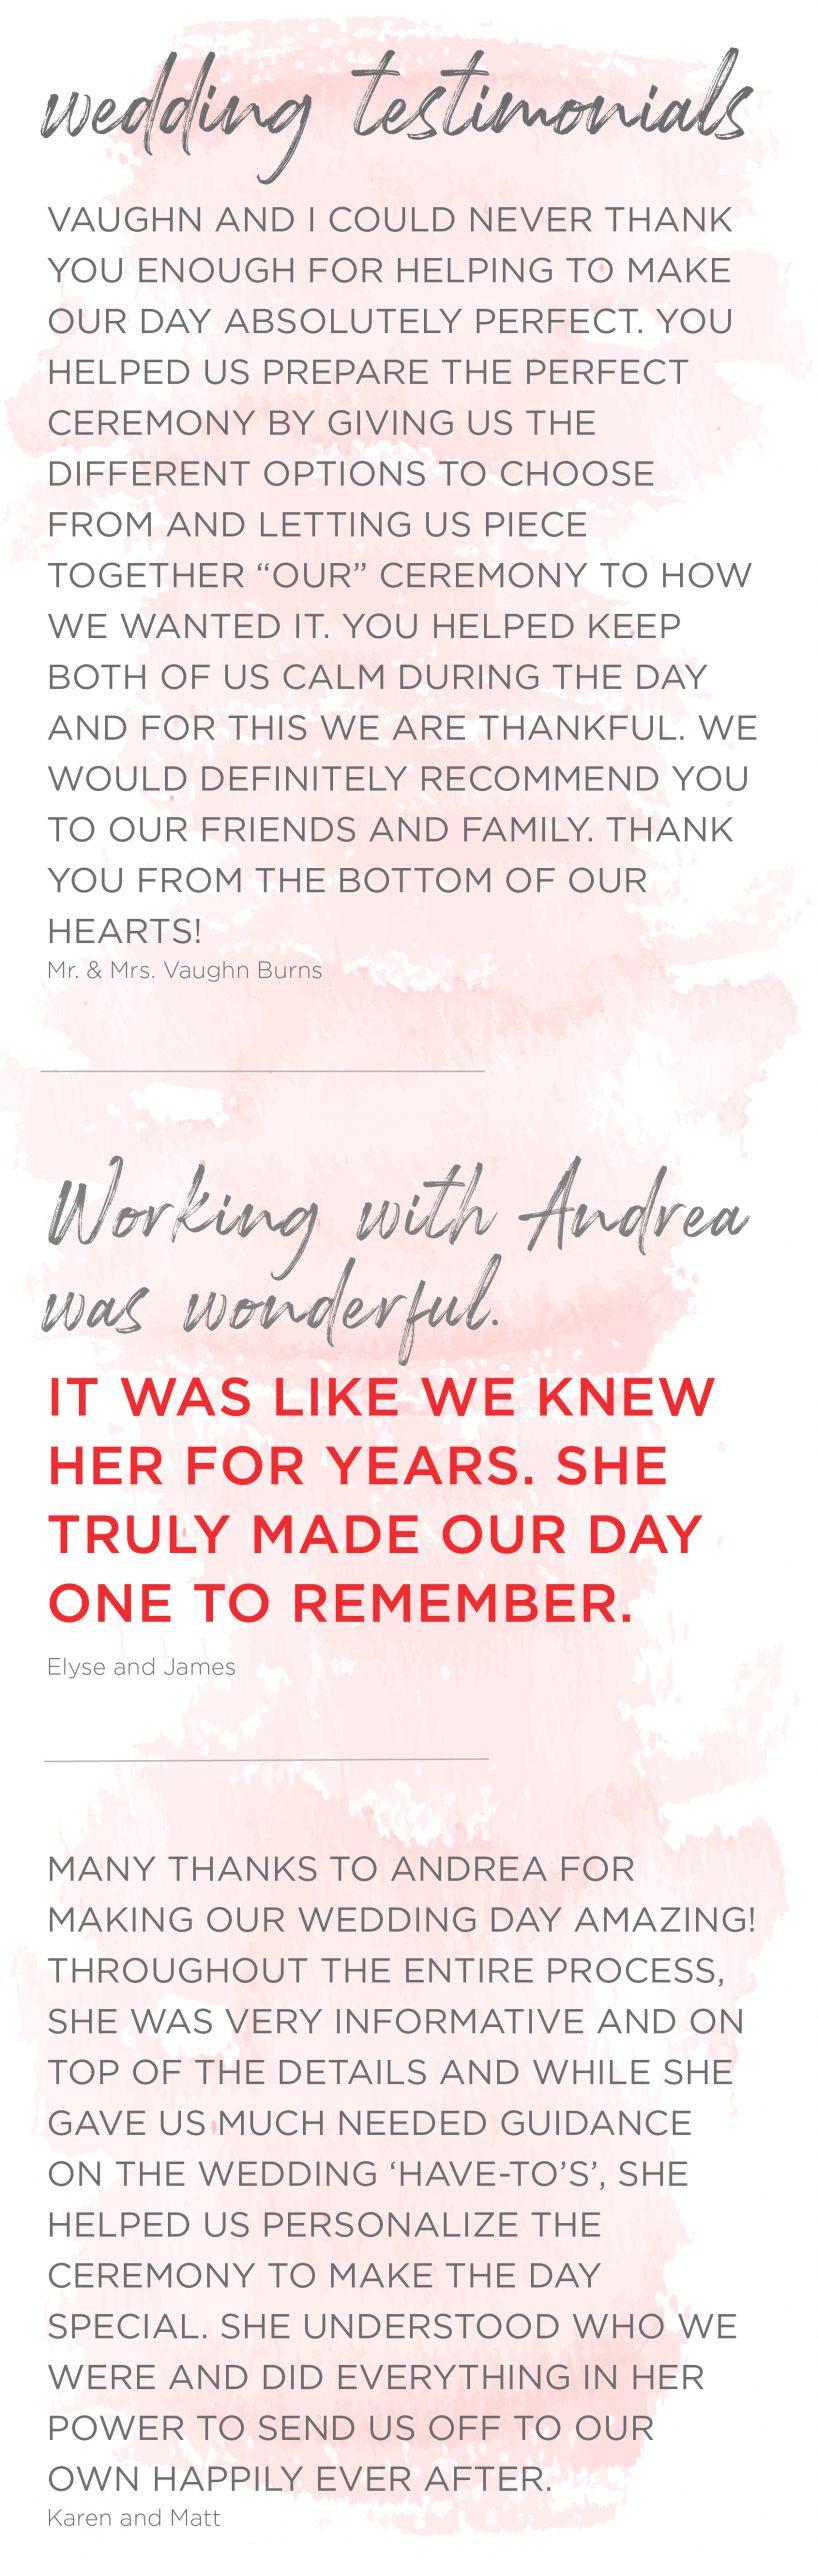 Andrea Brock healing customized ceremonies testimonials